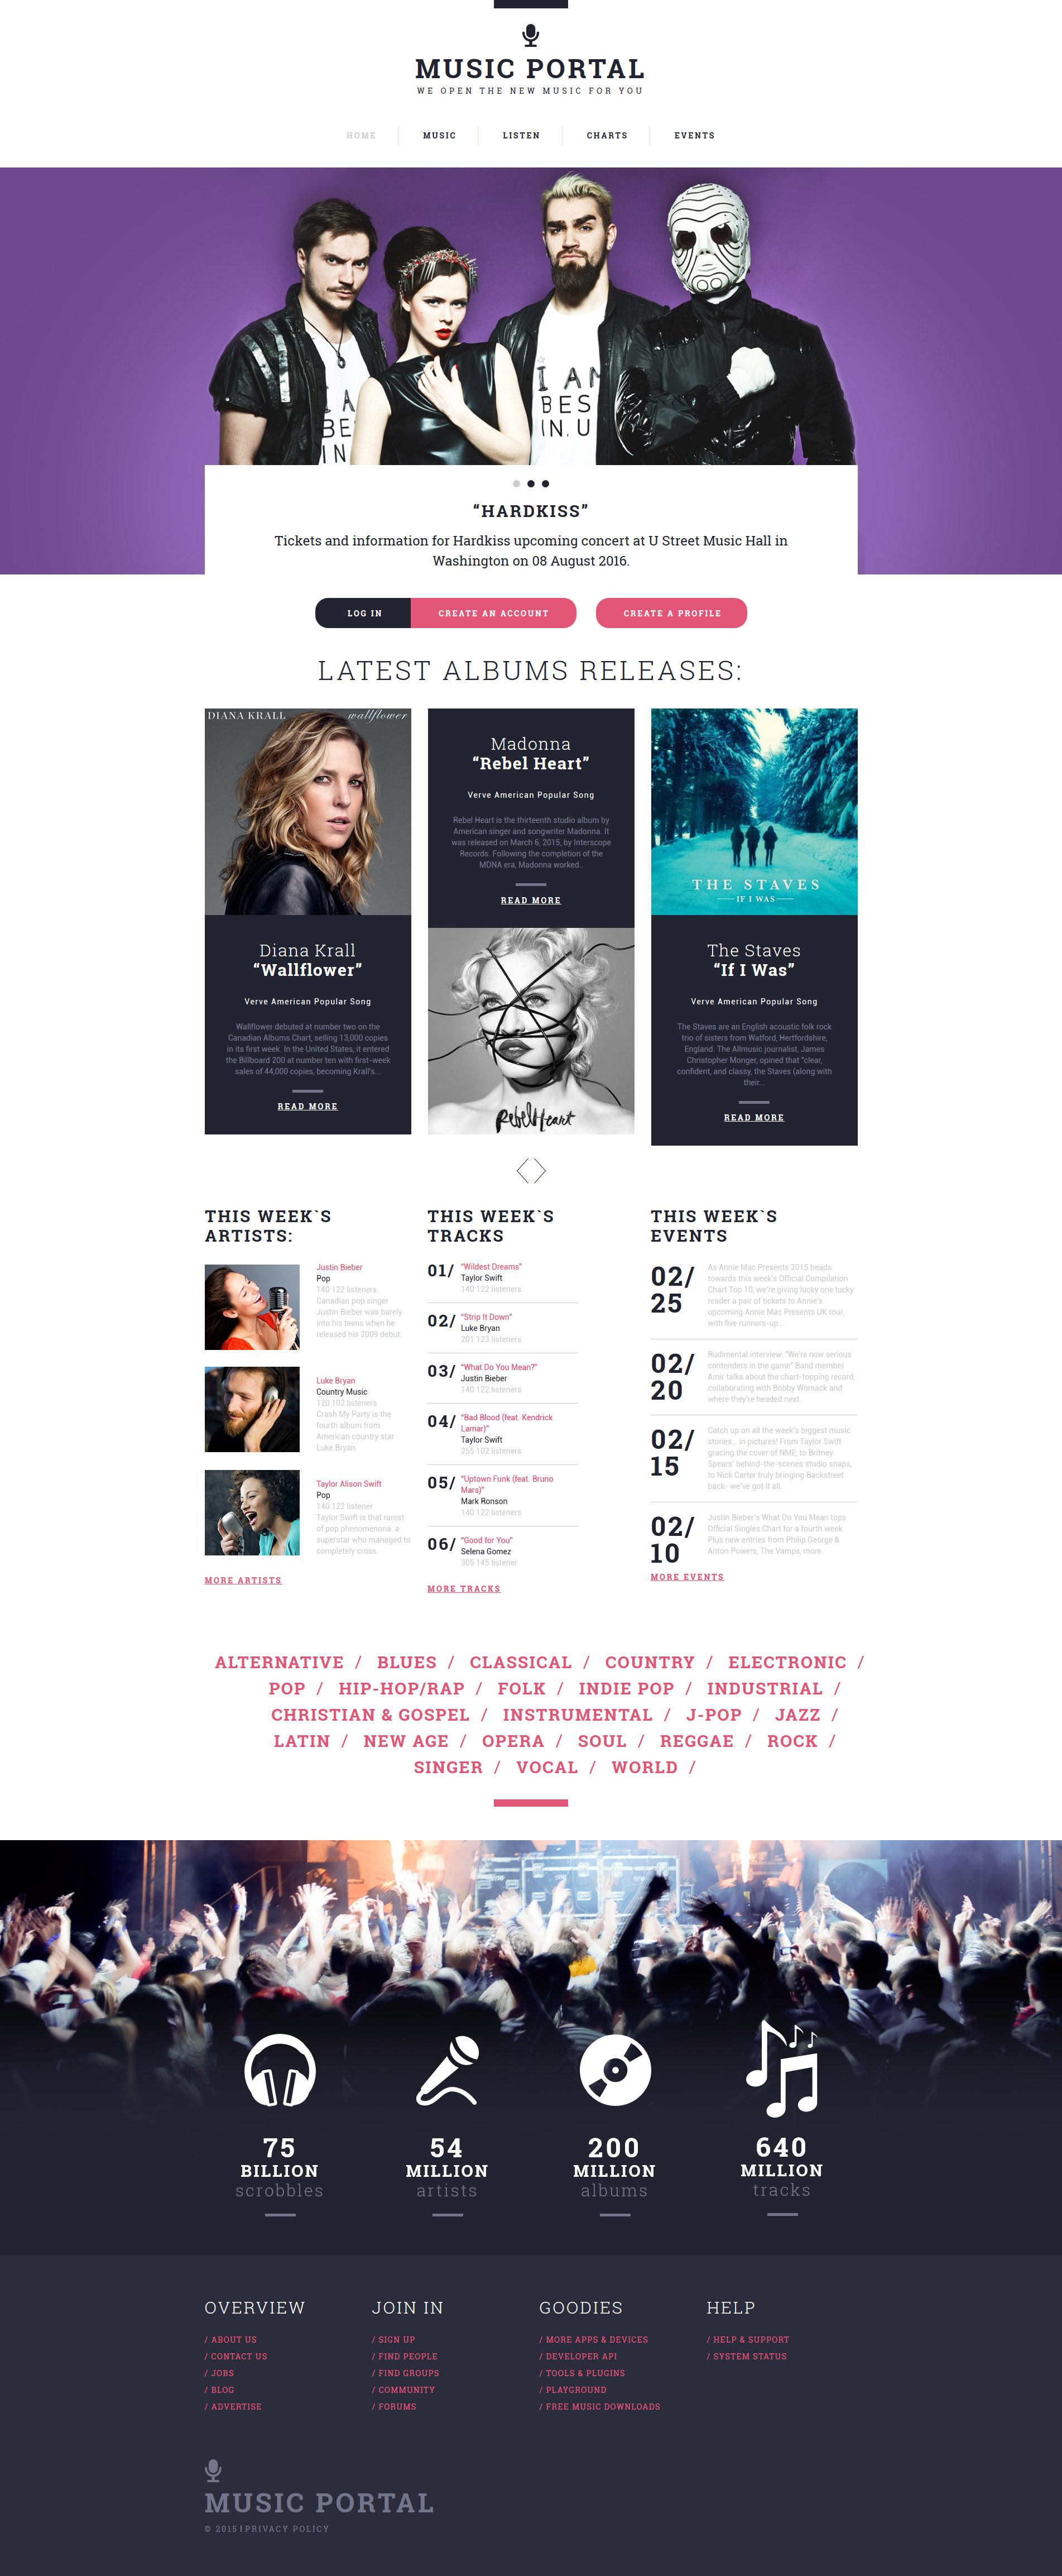 Modèle Web adaptatif pour site de portail de musique #55566 - screenshot